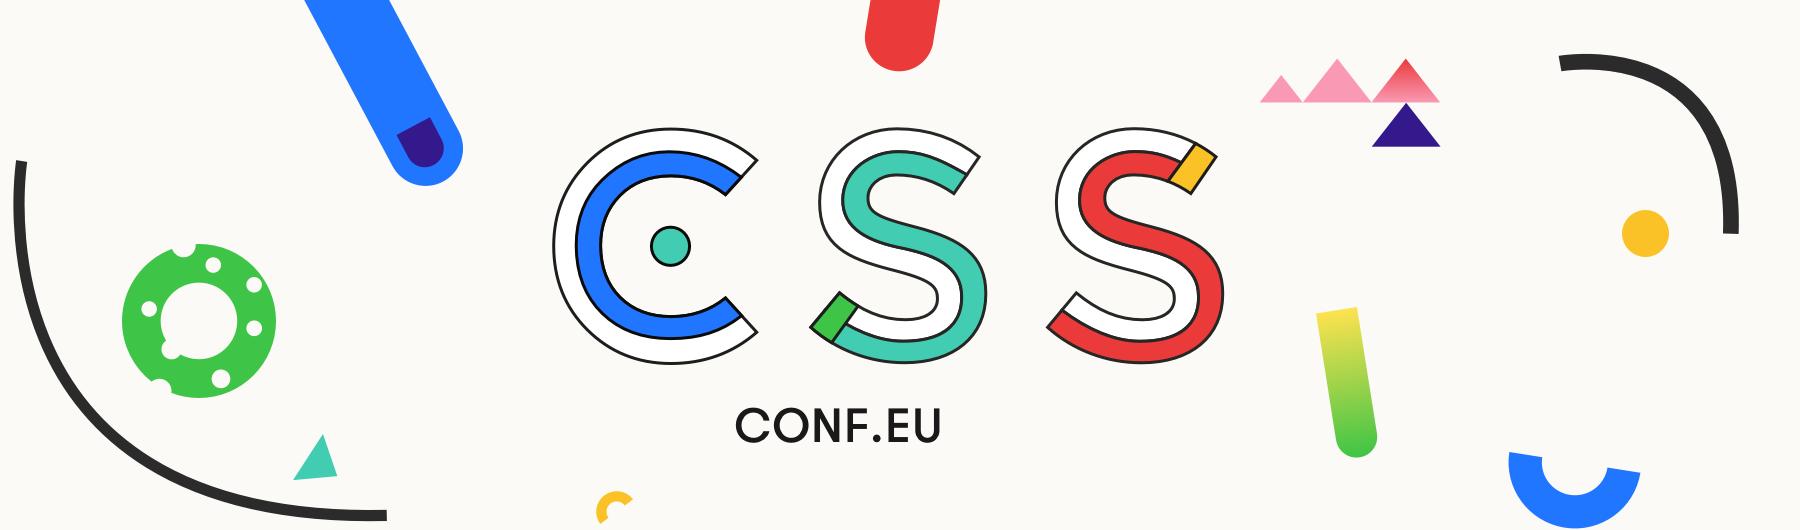 CSSconf EU 2017